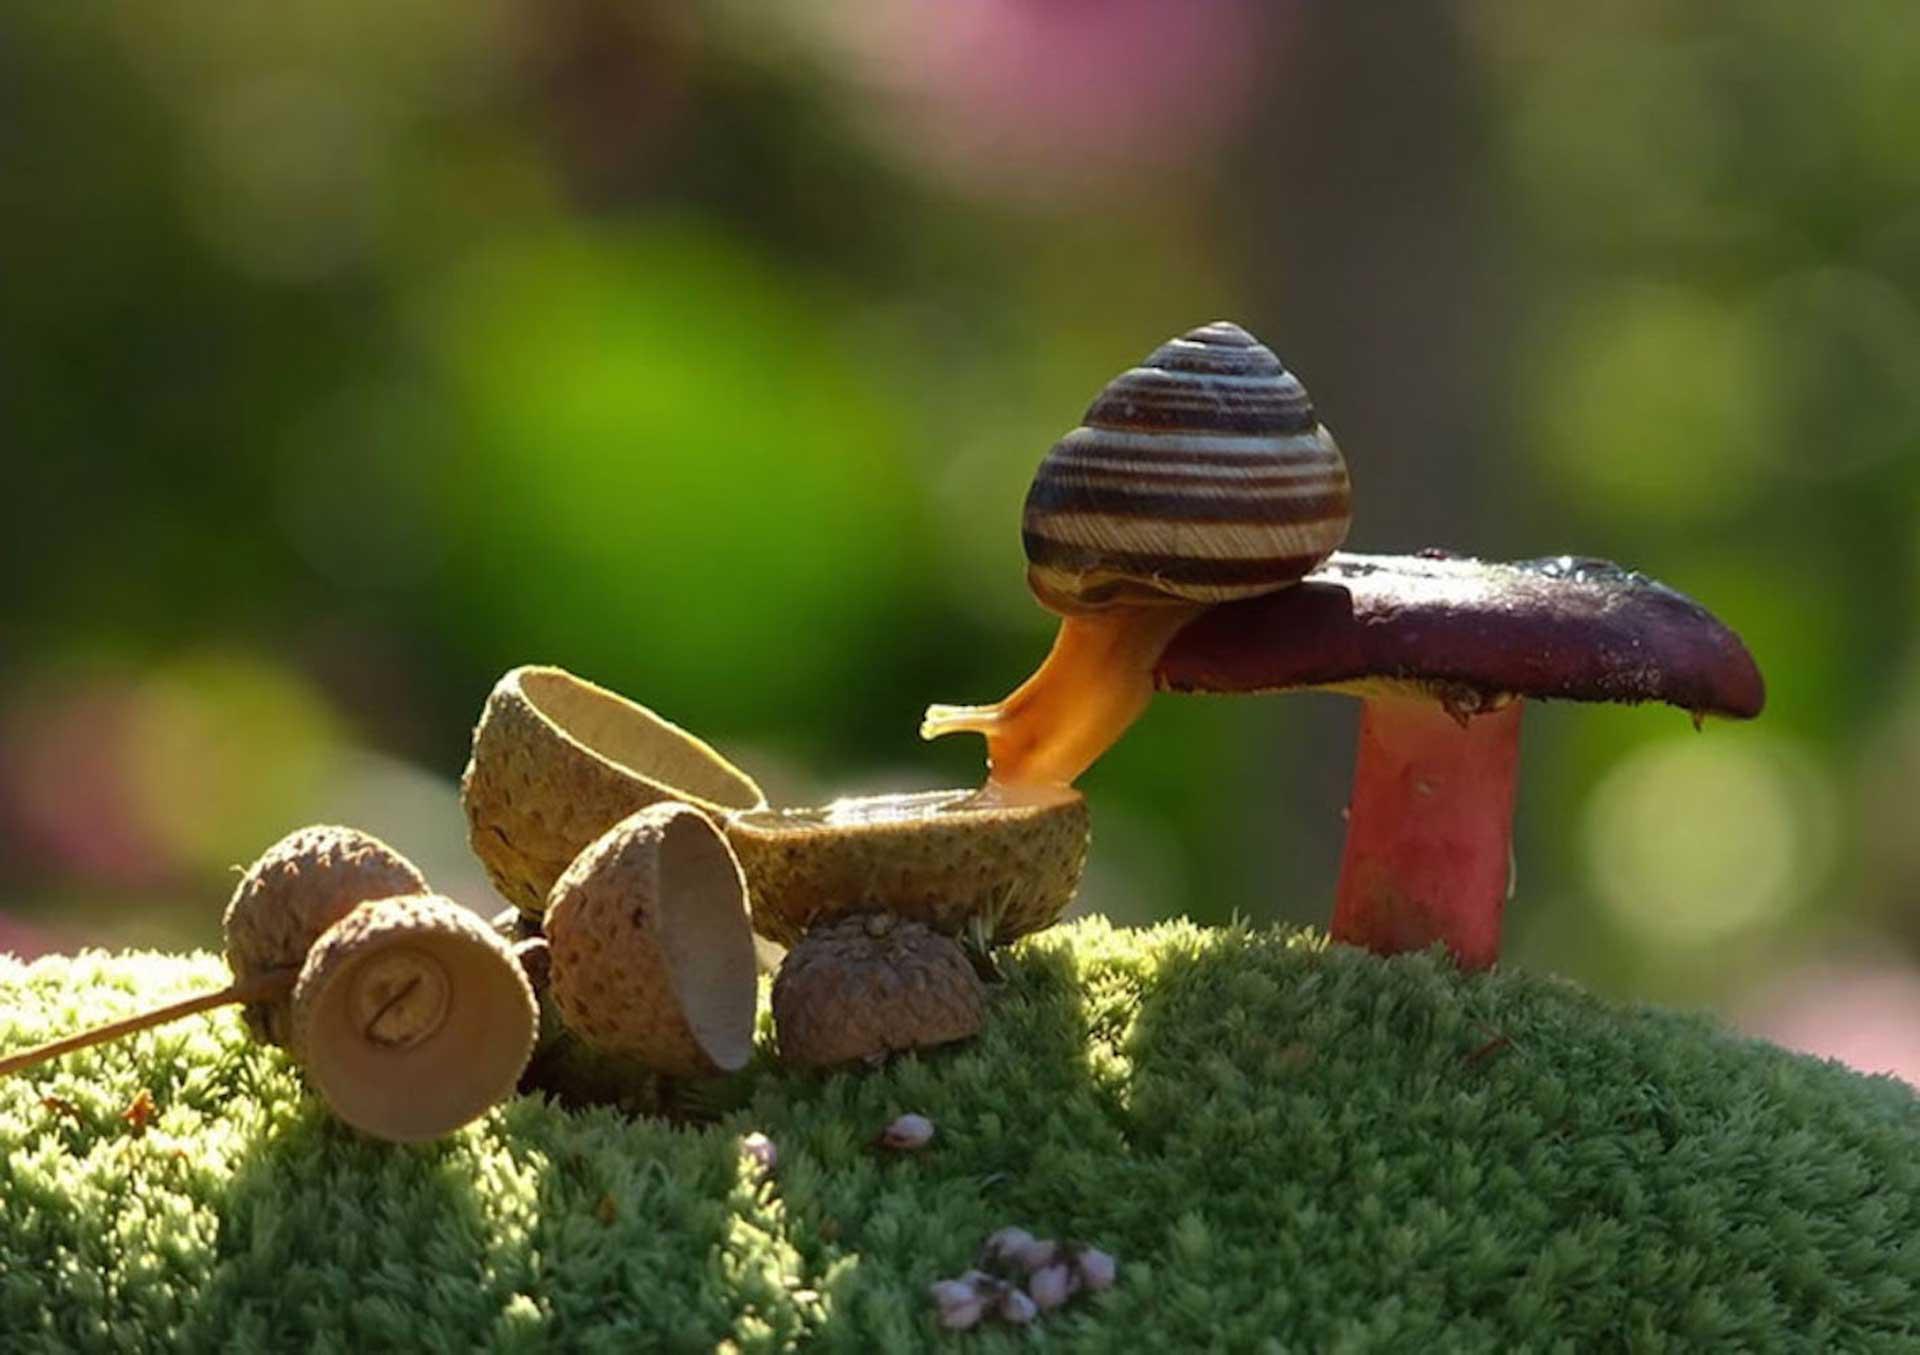 Este es el mundo m gico de los caracoles seg n mishcenko for Caracol de jardin que come